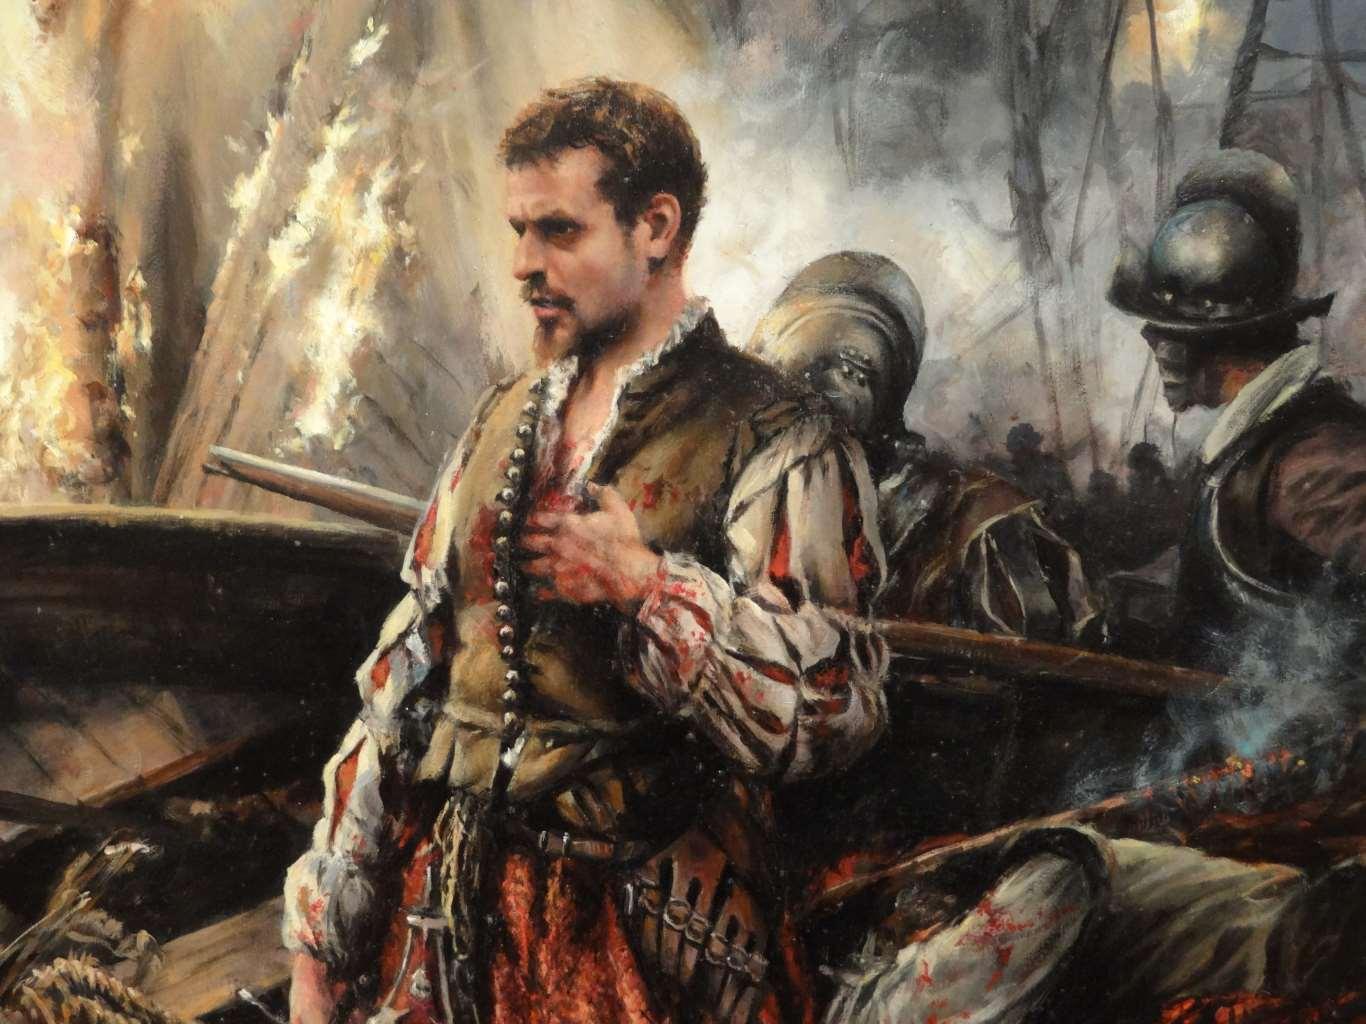 [Historia] Se cumplen 445 años de la batalla de Lepanto, la humillación de Don Juan de Austria al Imperio otomano Cervantes_soldado-28